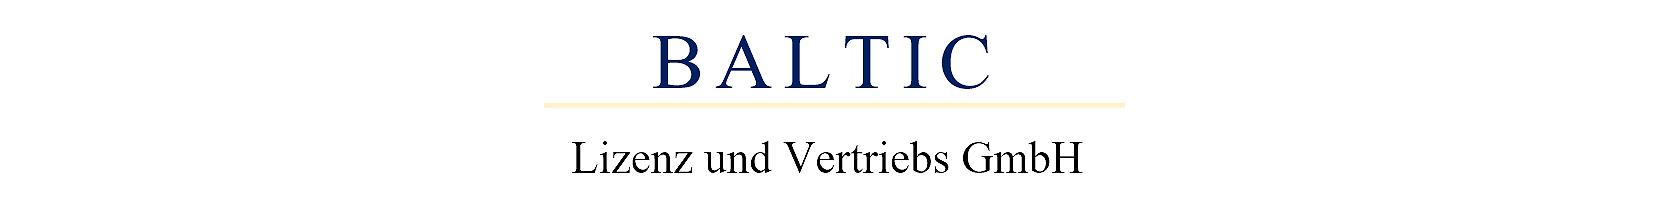 BALTIC Lizenz und Vertriebs GmbH - Am Holm 25 - 23730 Neustadt in Holstein